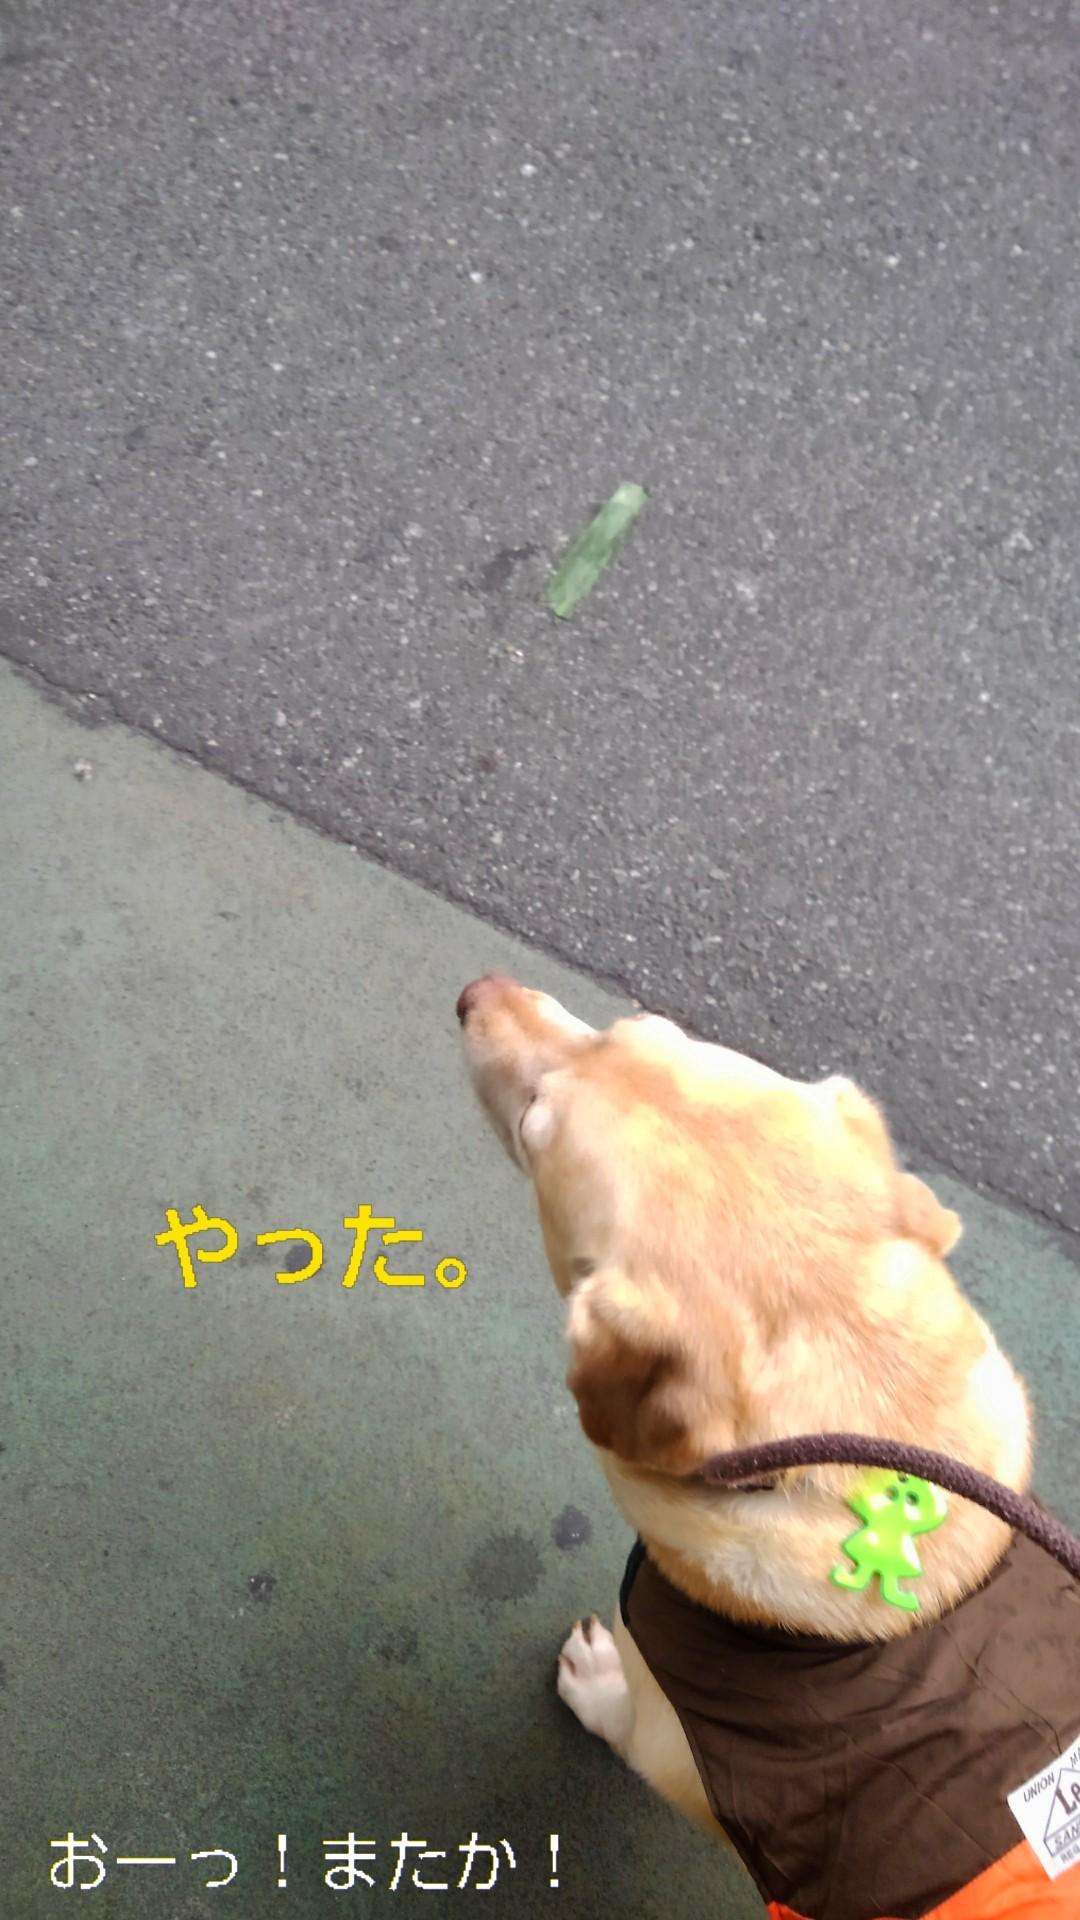 高円寺の落ちネギ・84(さらに)_b0339522_10240525.jpg